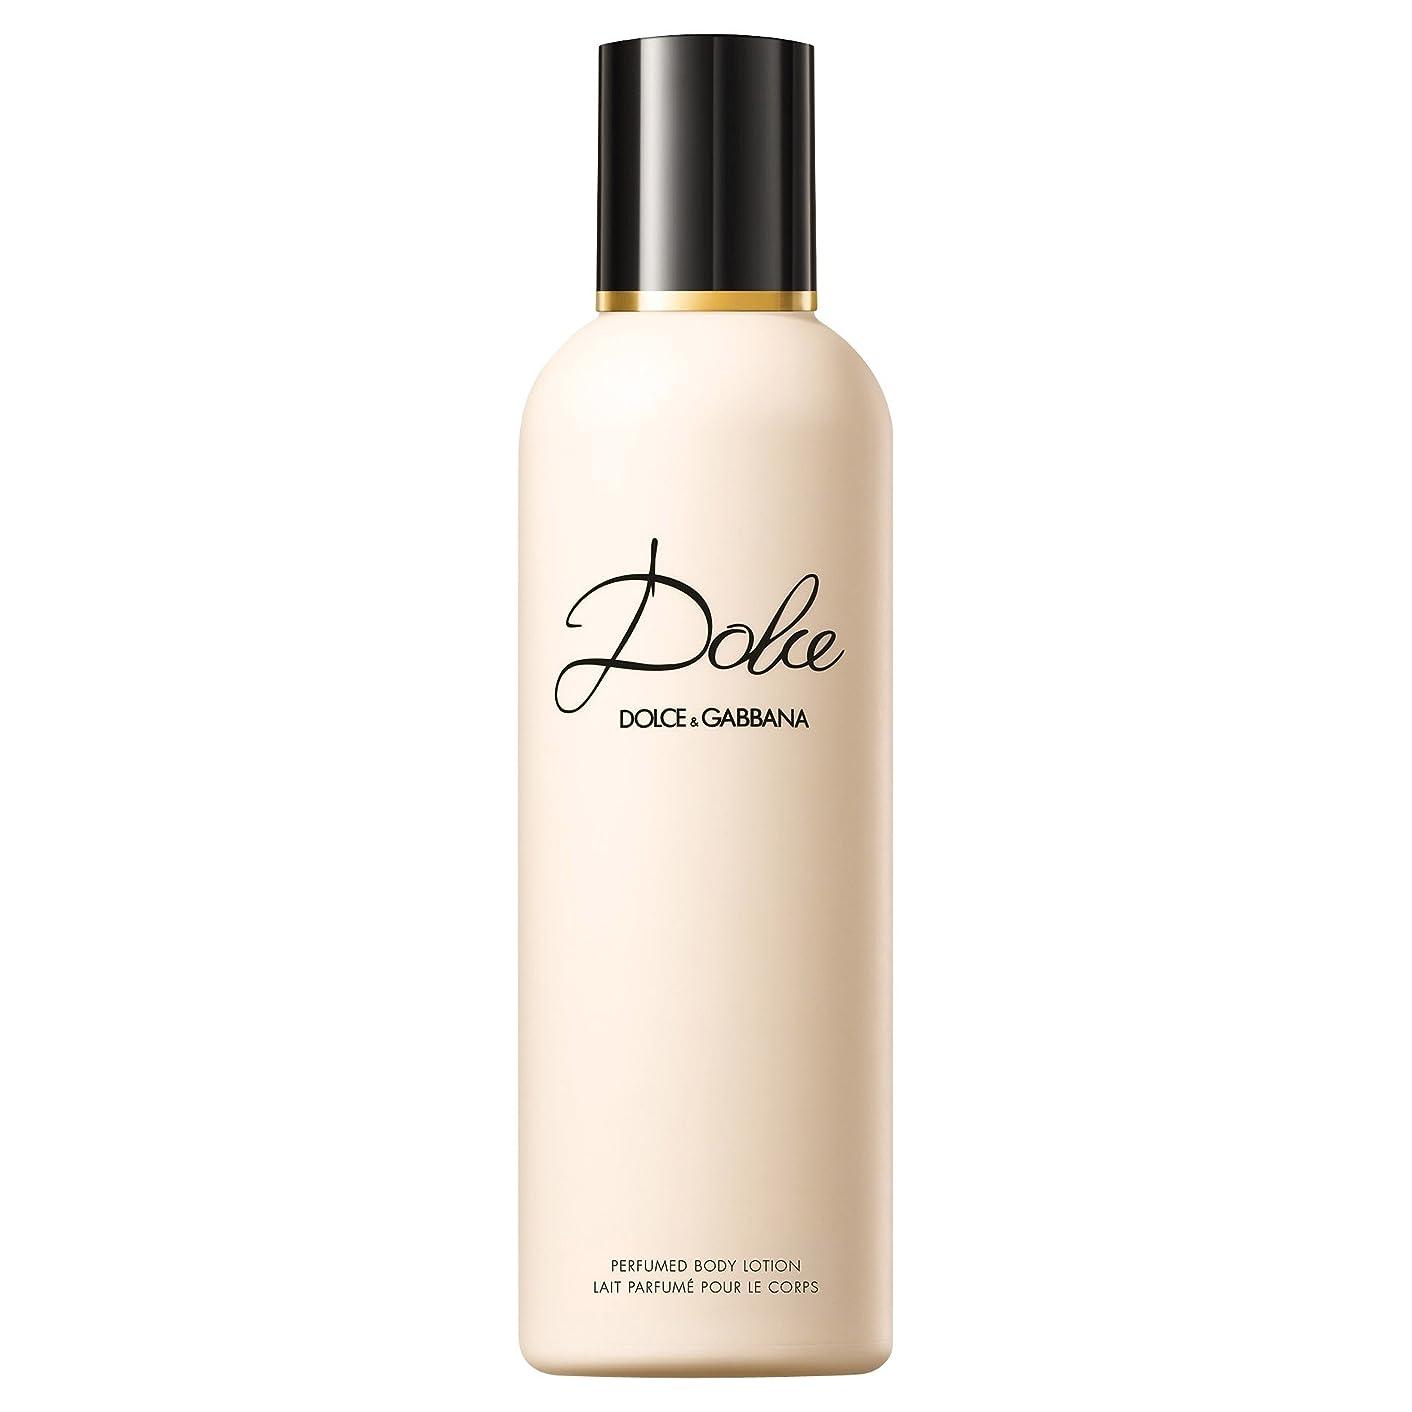 人道的局バスケットボールドルチェ&ガッバーナドルチェのボディローション200ミリリットル (Dolce & Gabbana) (x2) - Dolce & Gabbana Dolce Body Lotion 200ml (Pack of 2) [並行輸入品]